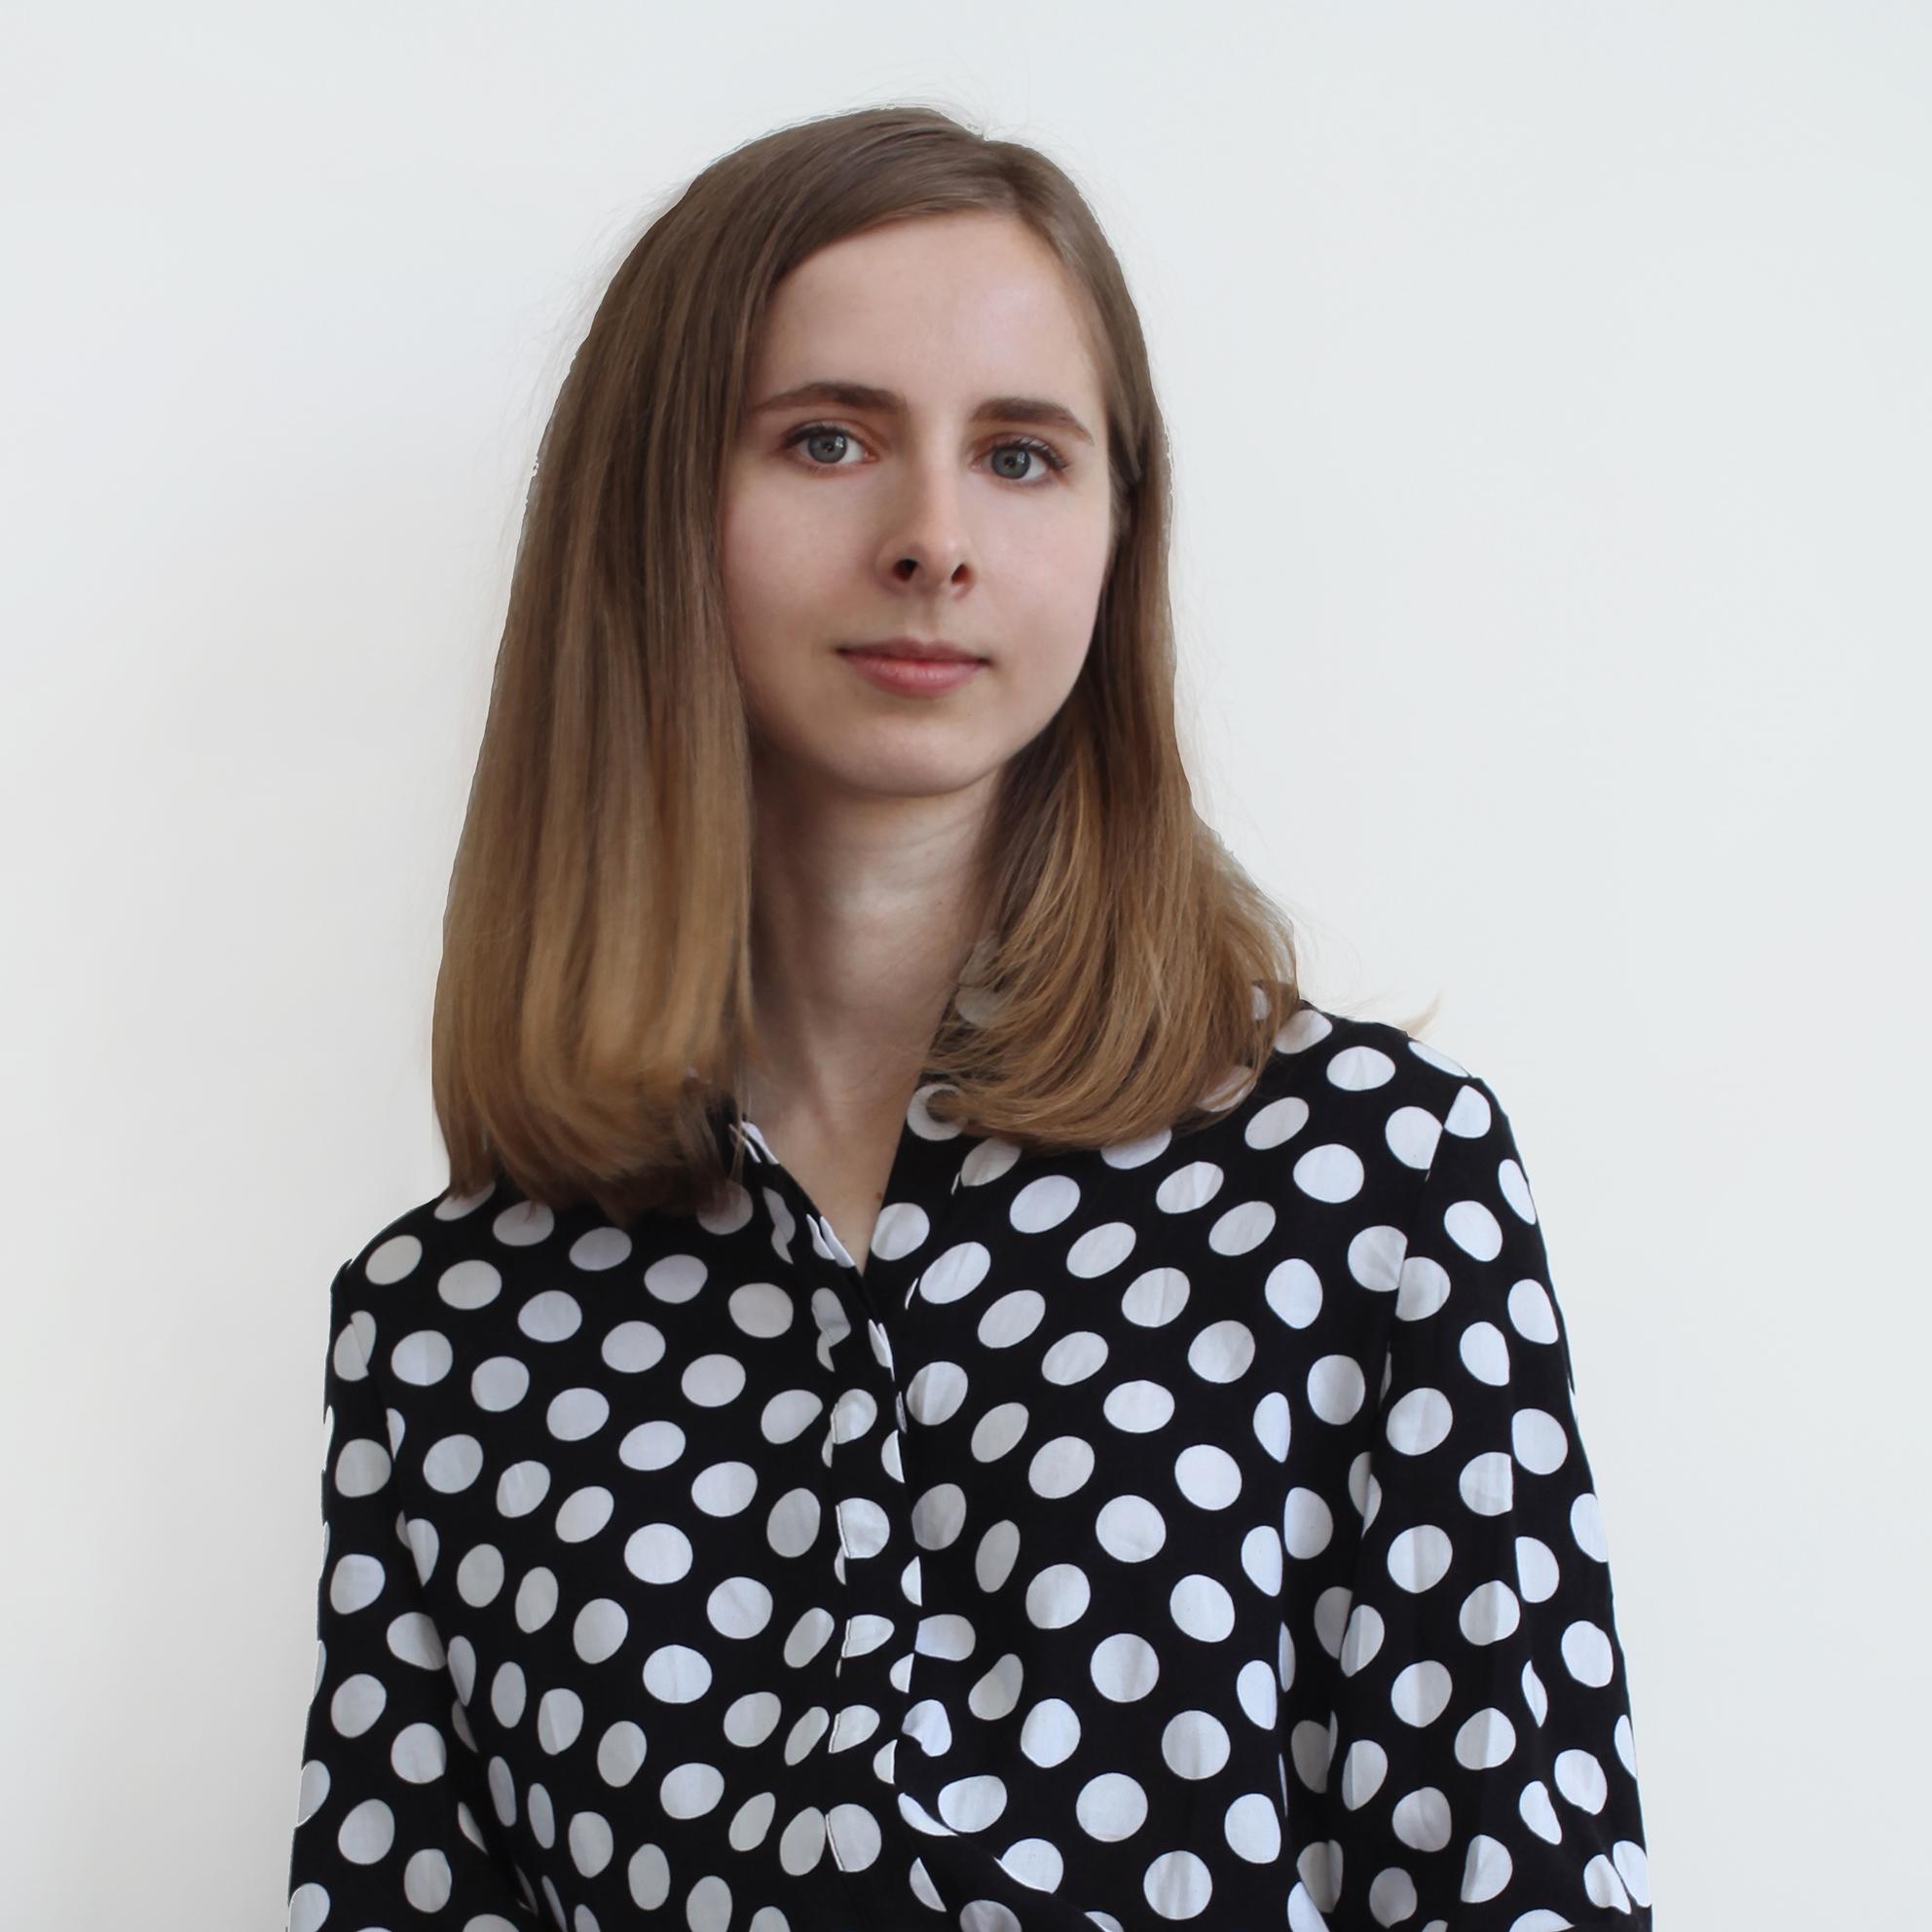 Елизавета Парфенова